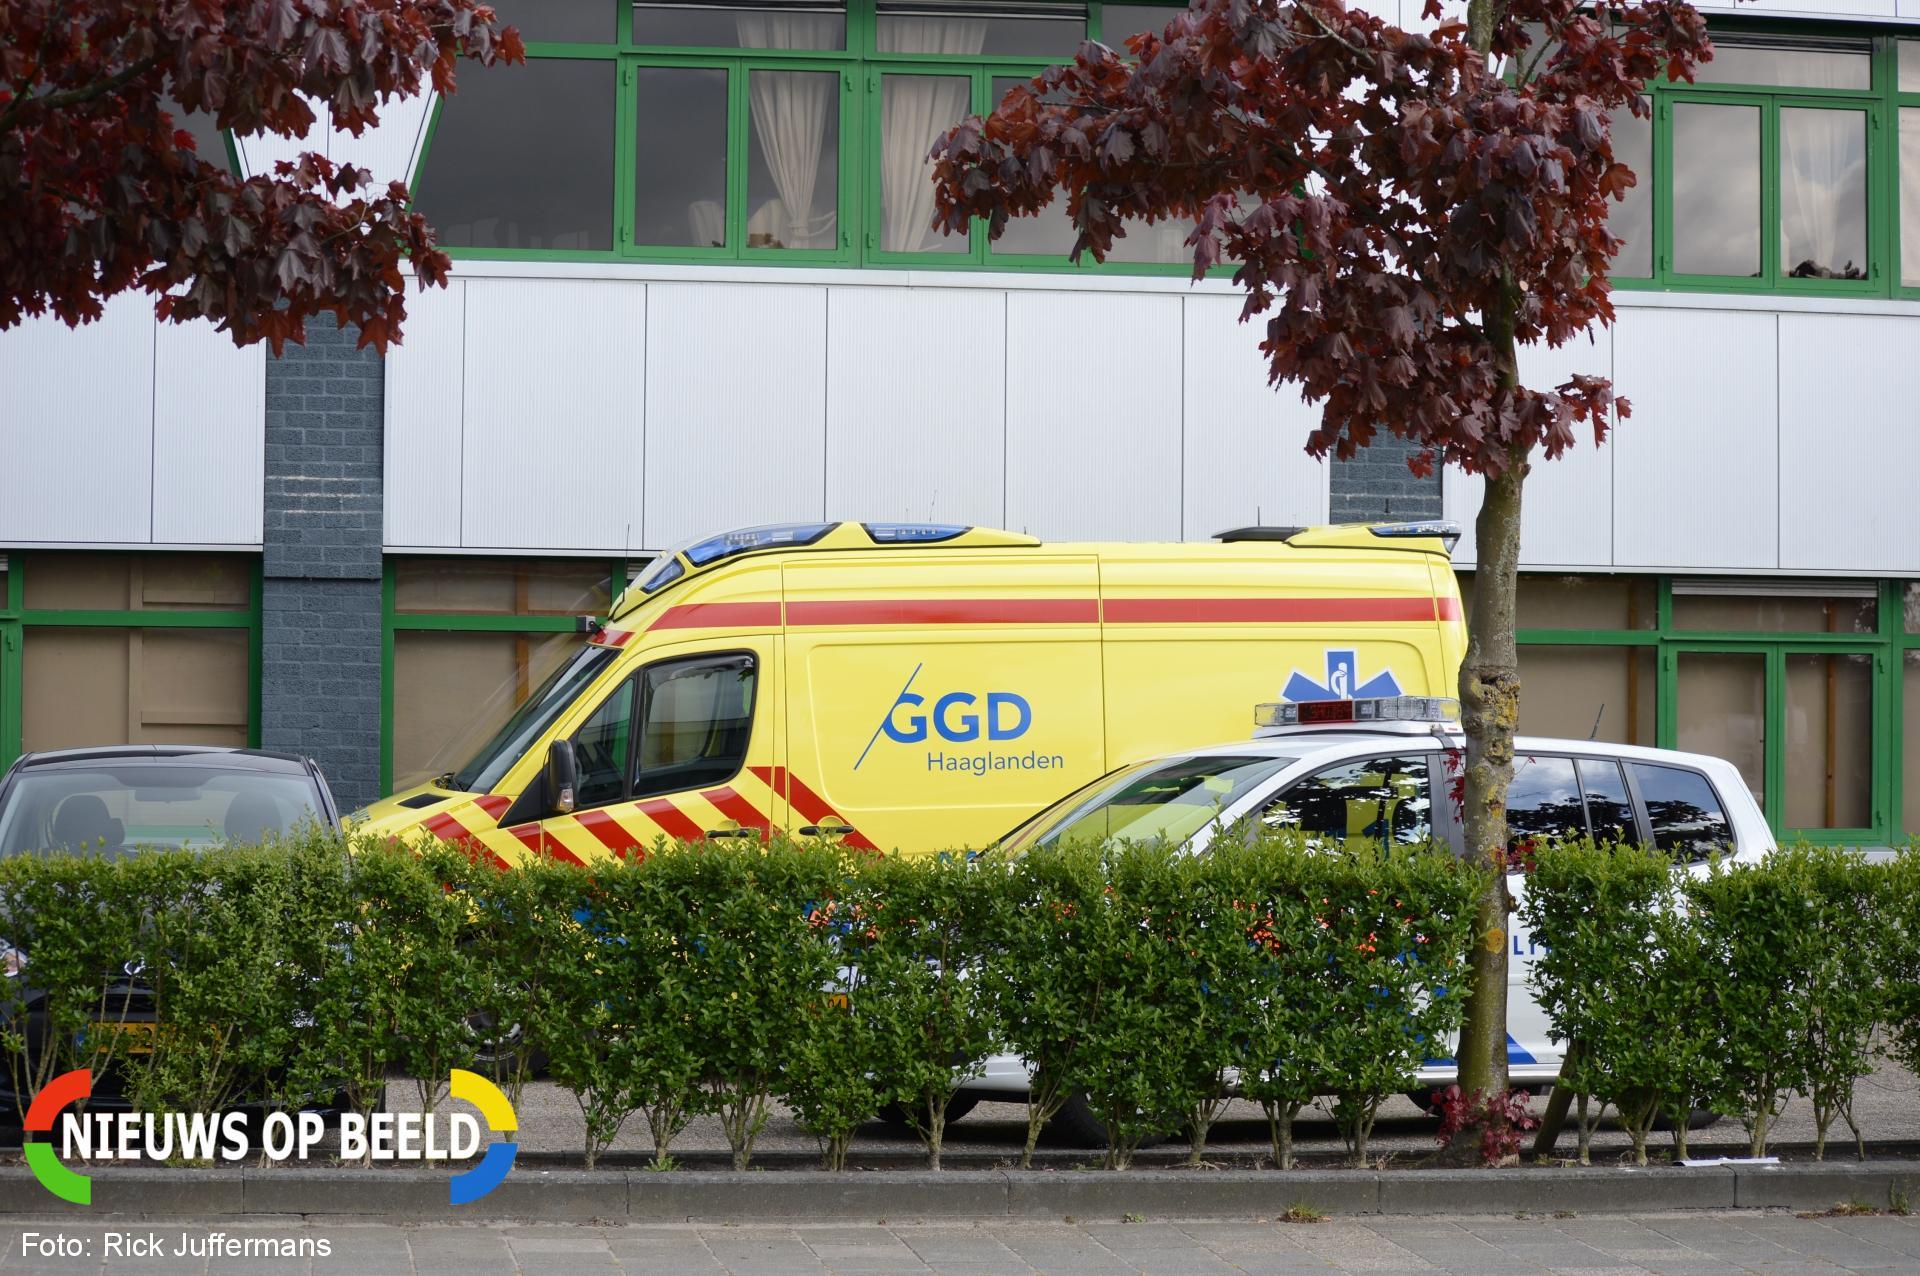 Ongeval in kartbaan Wattstraat Zoetermeer